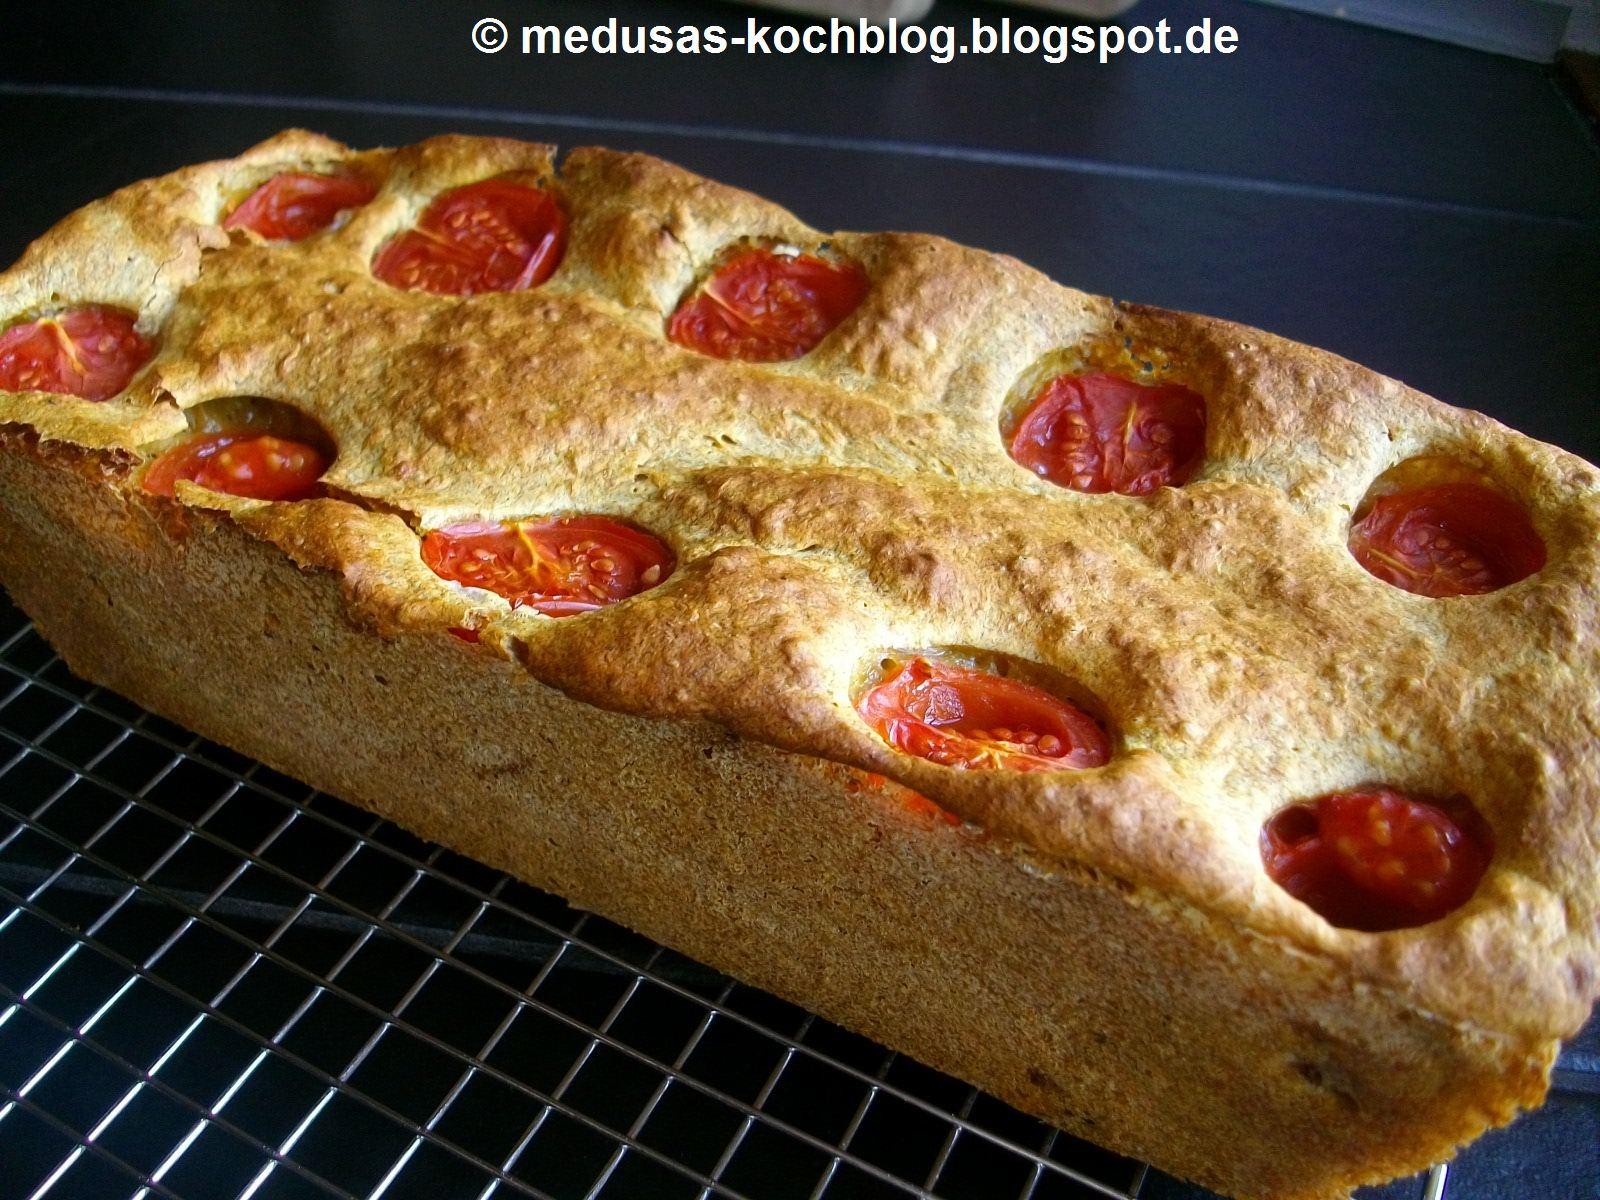 medusas kochblog currybrot mit tomaten nicht nur ein hingucker. Black Bedroom Furniture Sets. Home Design Ideas